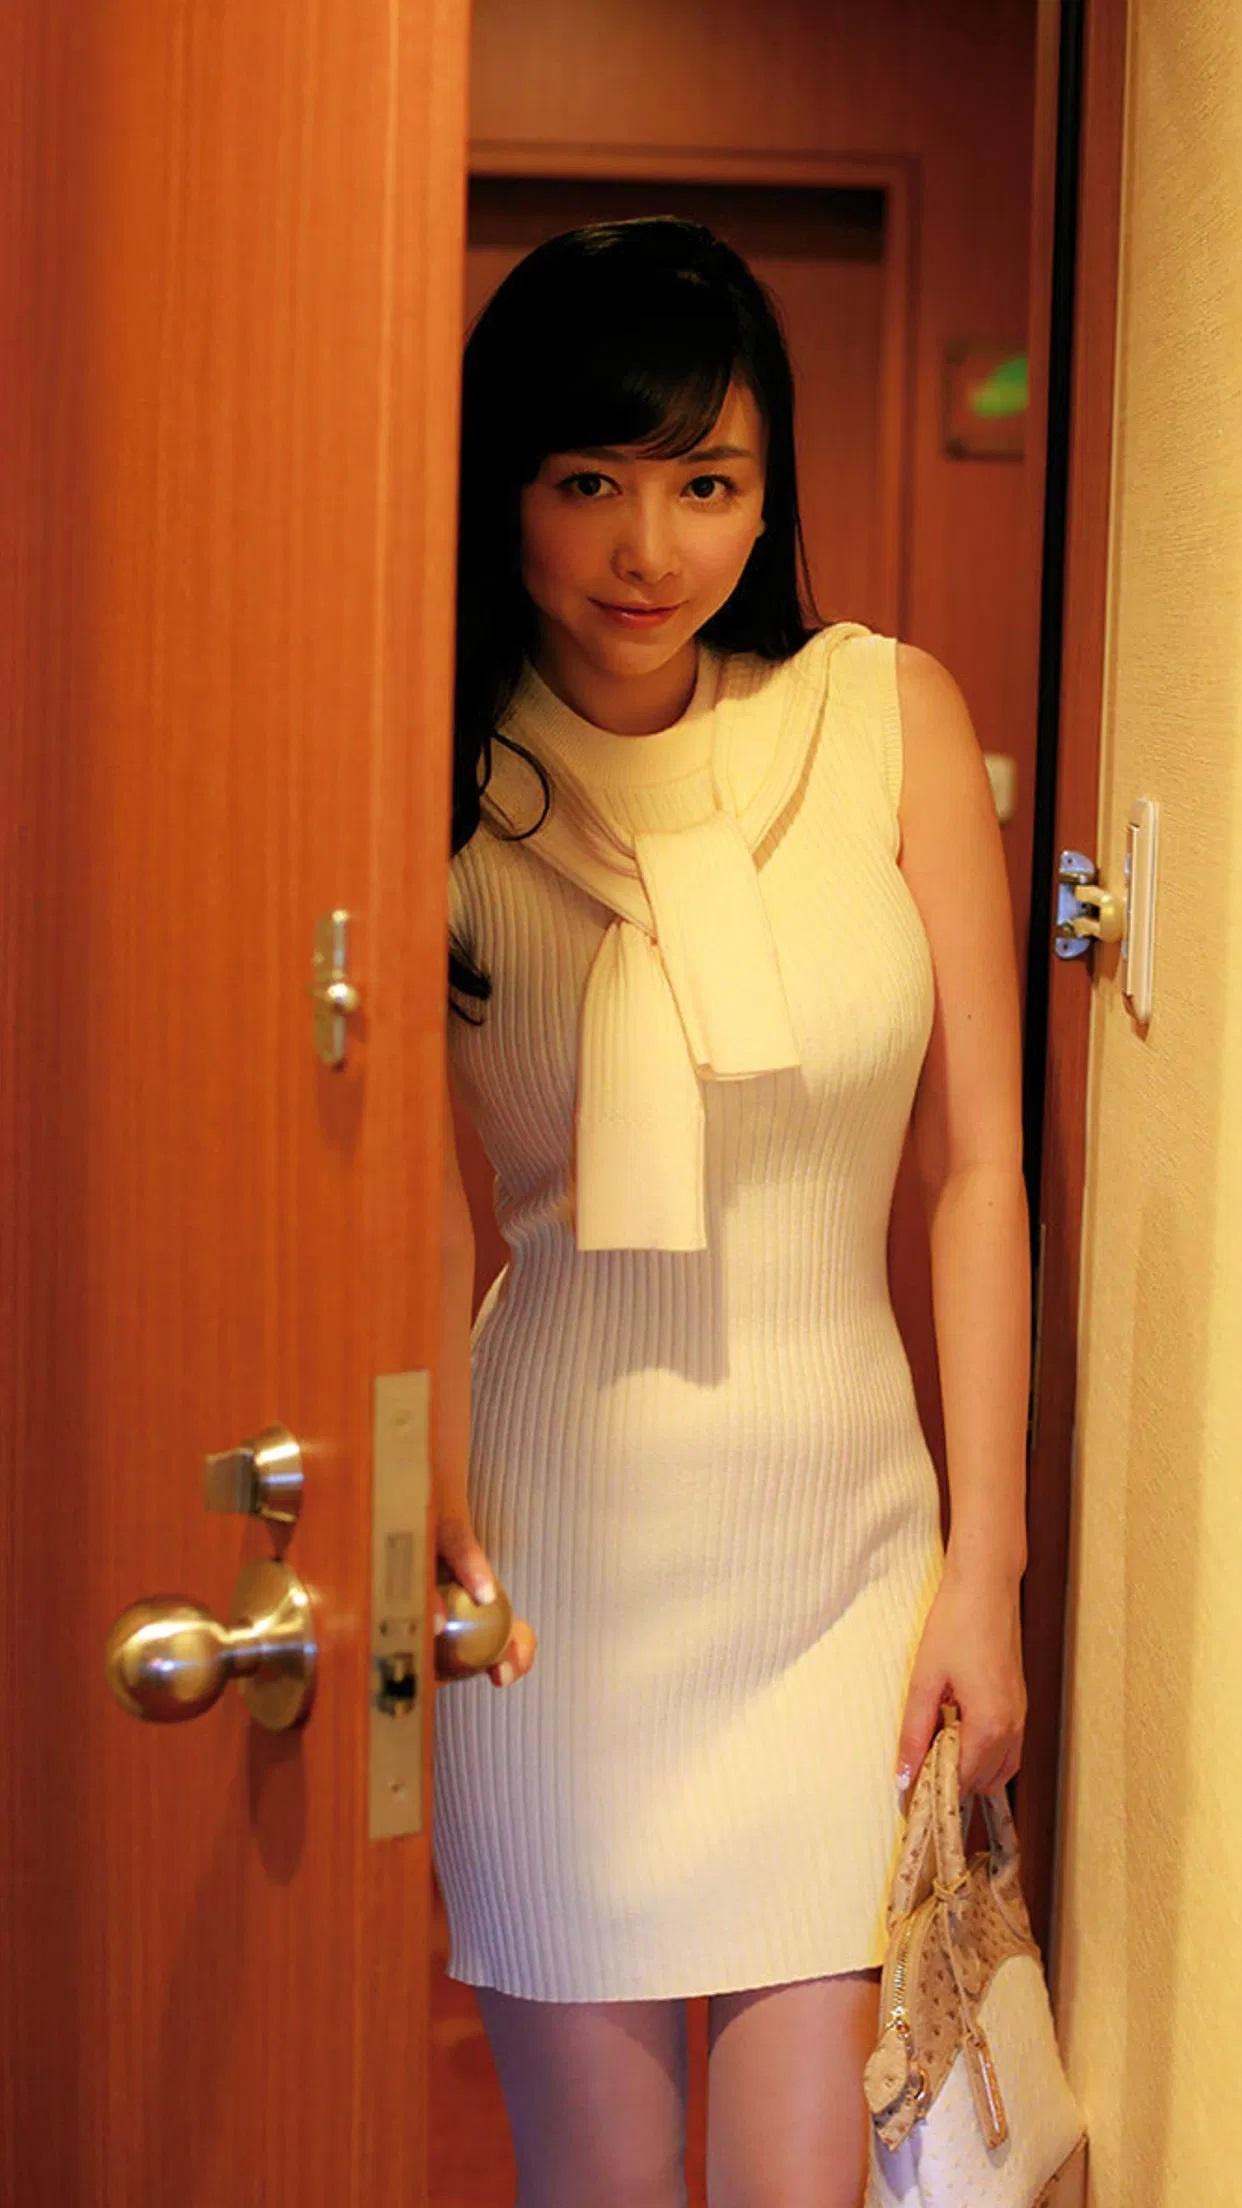 sugihara_anri293.jpg